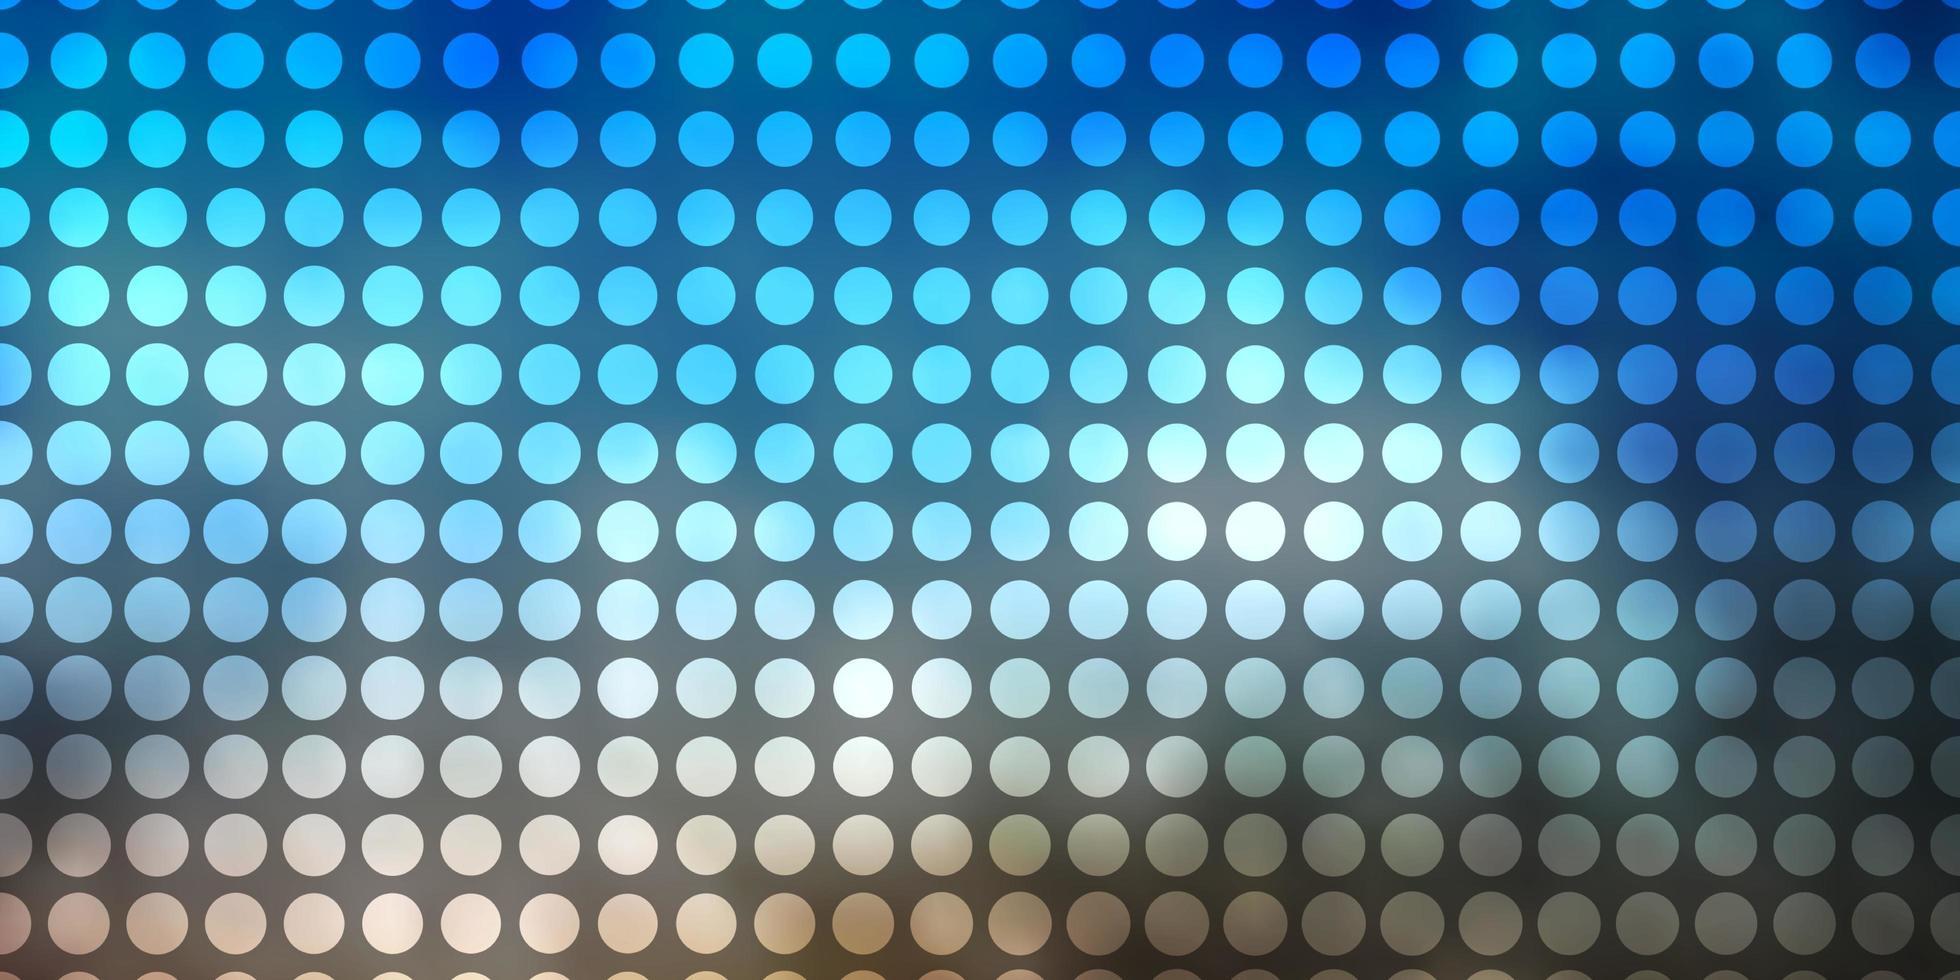 fond de vecteur bleu clair, jaune avec des cercles.